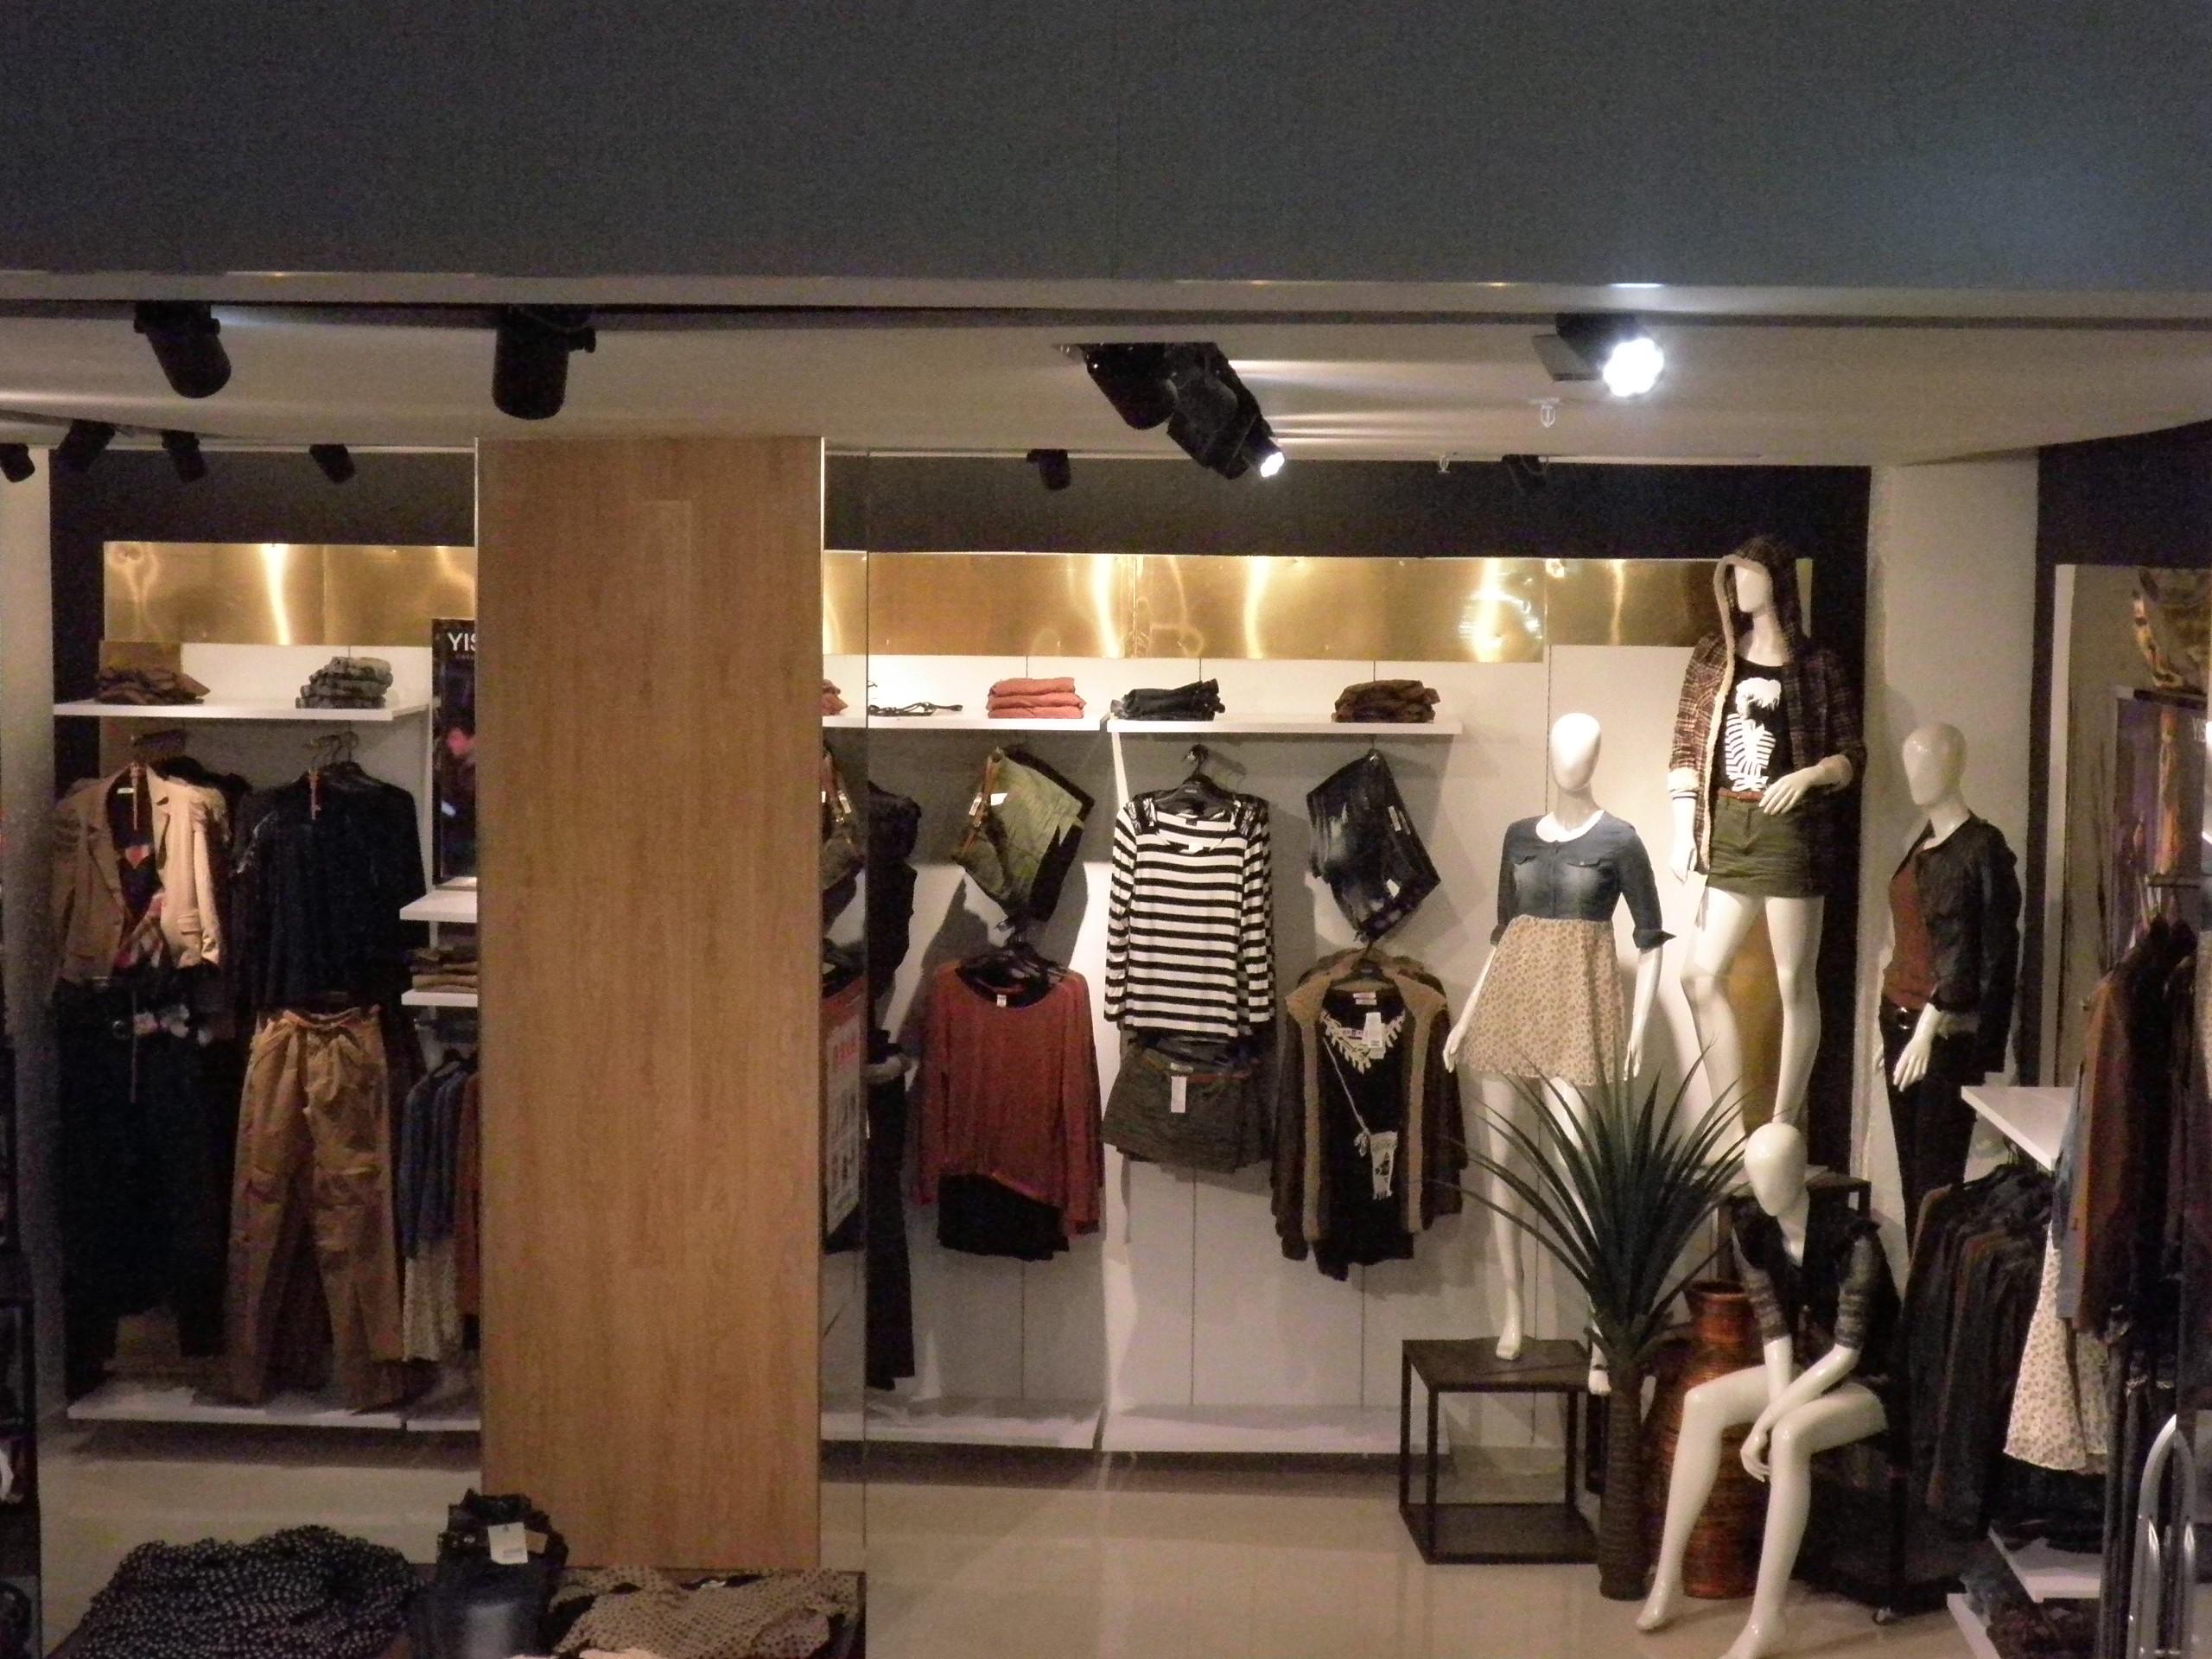 服装_汉街一服装品牌店模特客串衣架